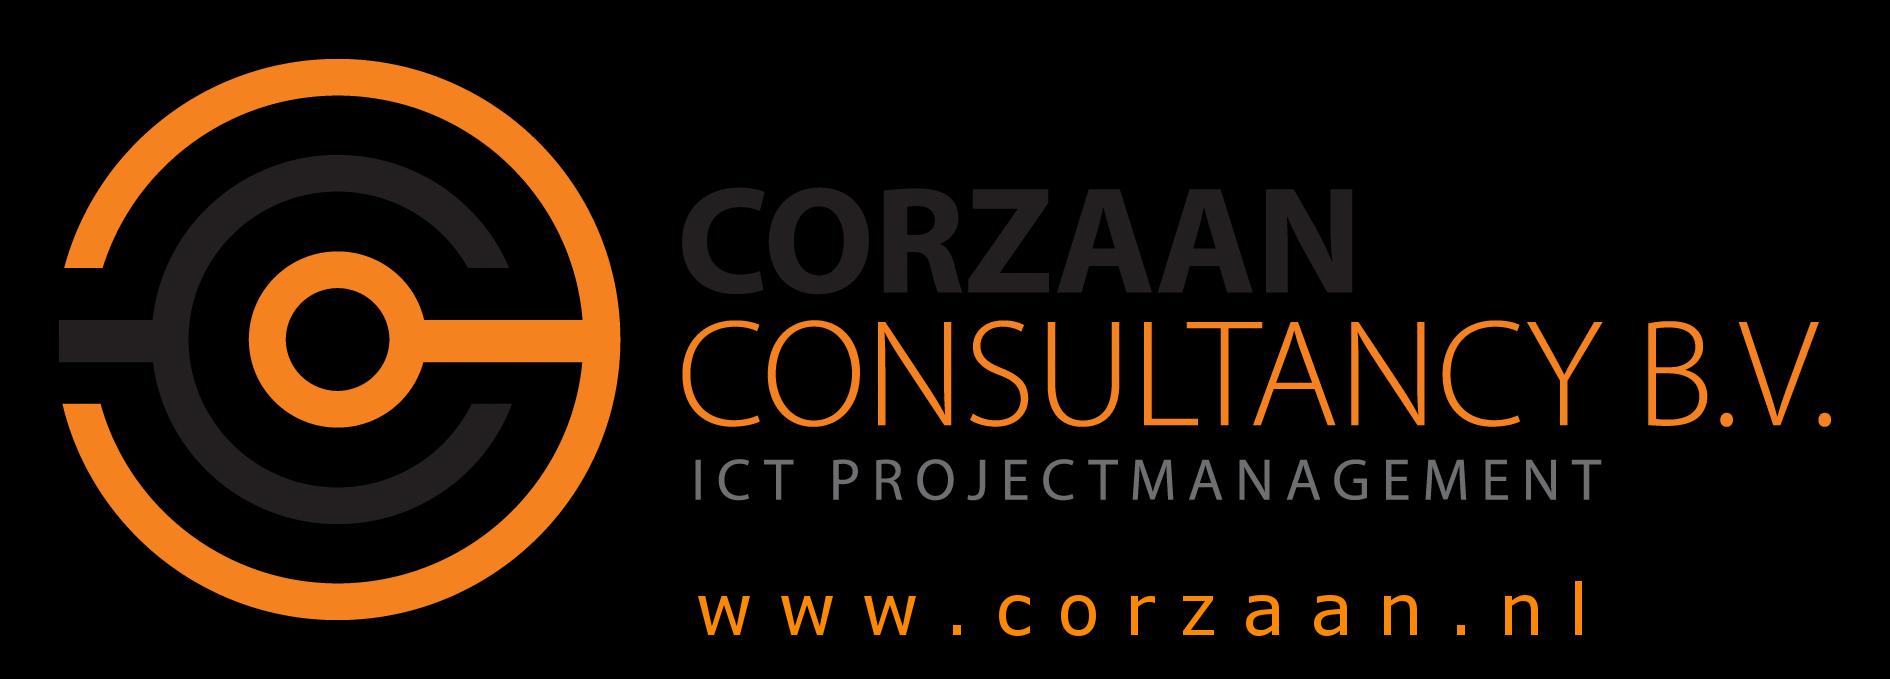 Stichting Manegepaarden Pensioenfonds - Corzaan Consultancy